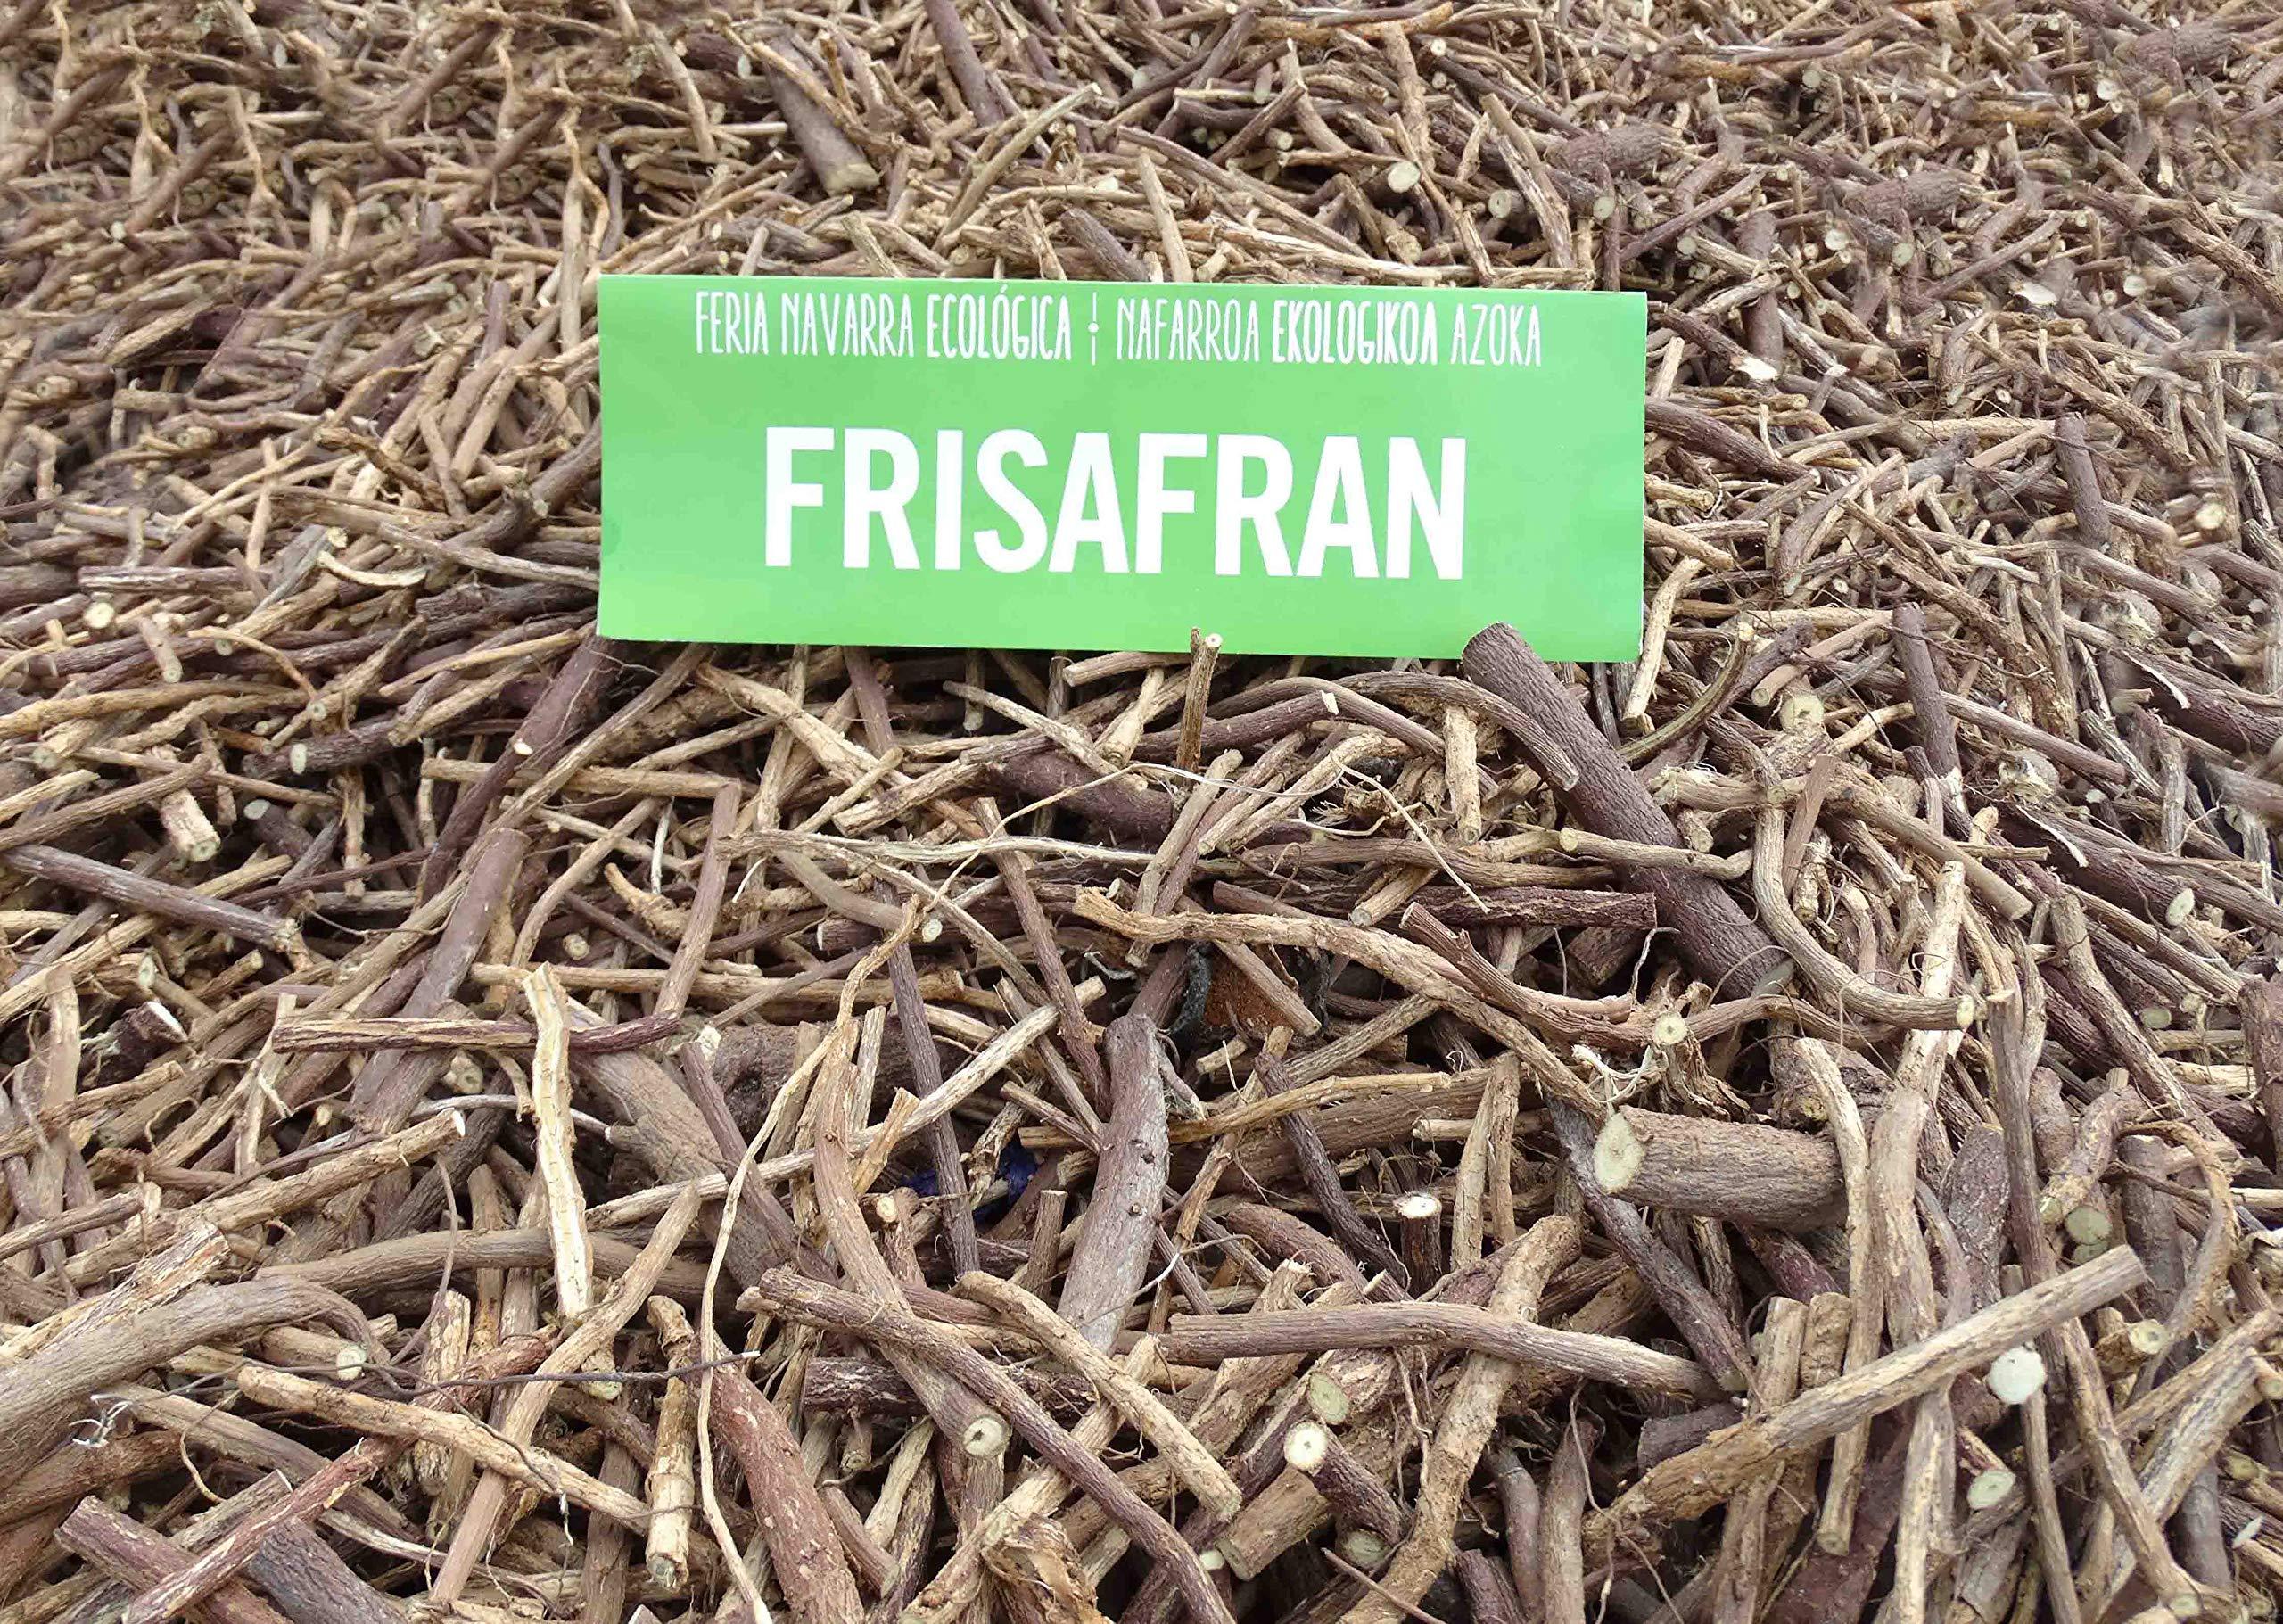 FRISAFRAN-Sholzstangen-BIO-QUALITT-B-Sholz-Stangen-Sholzwurzel-Lakritzstangen-100Gr